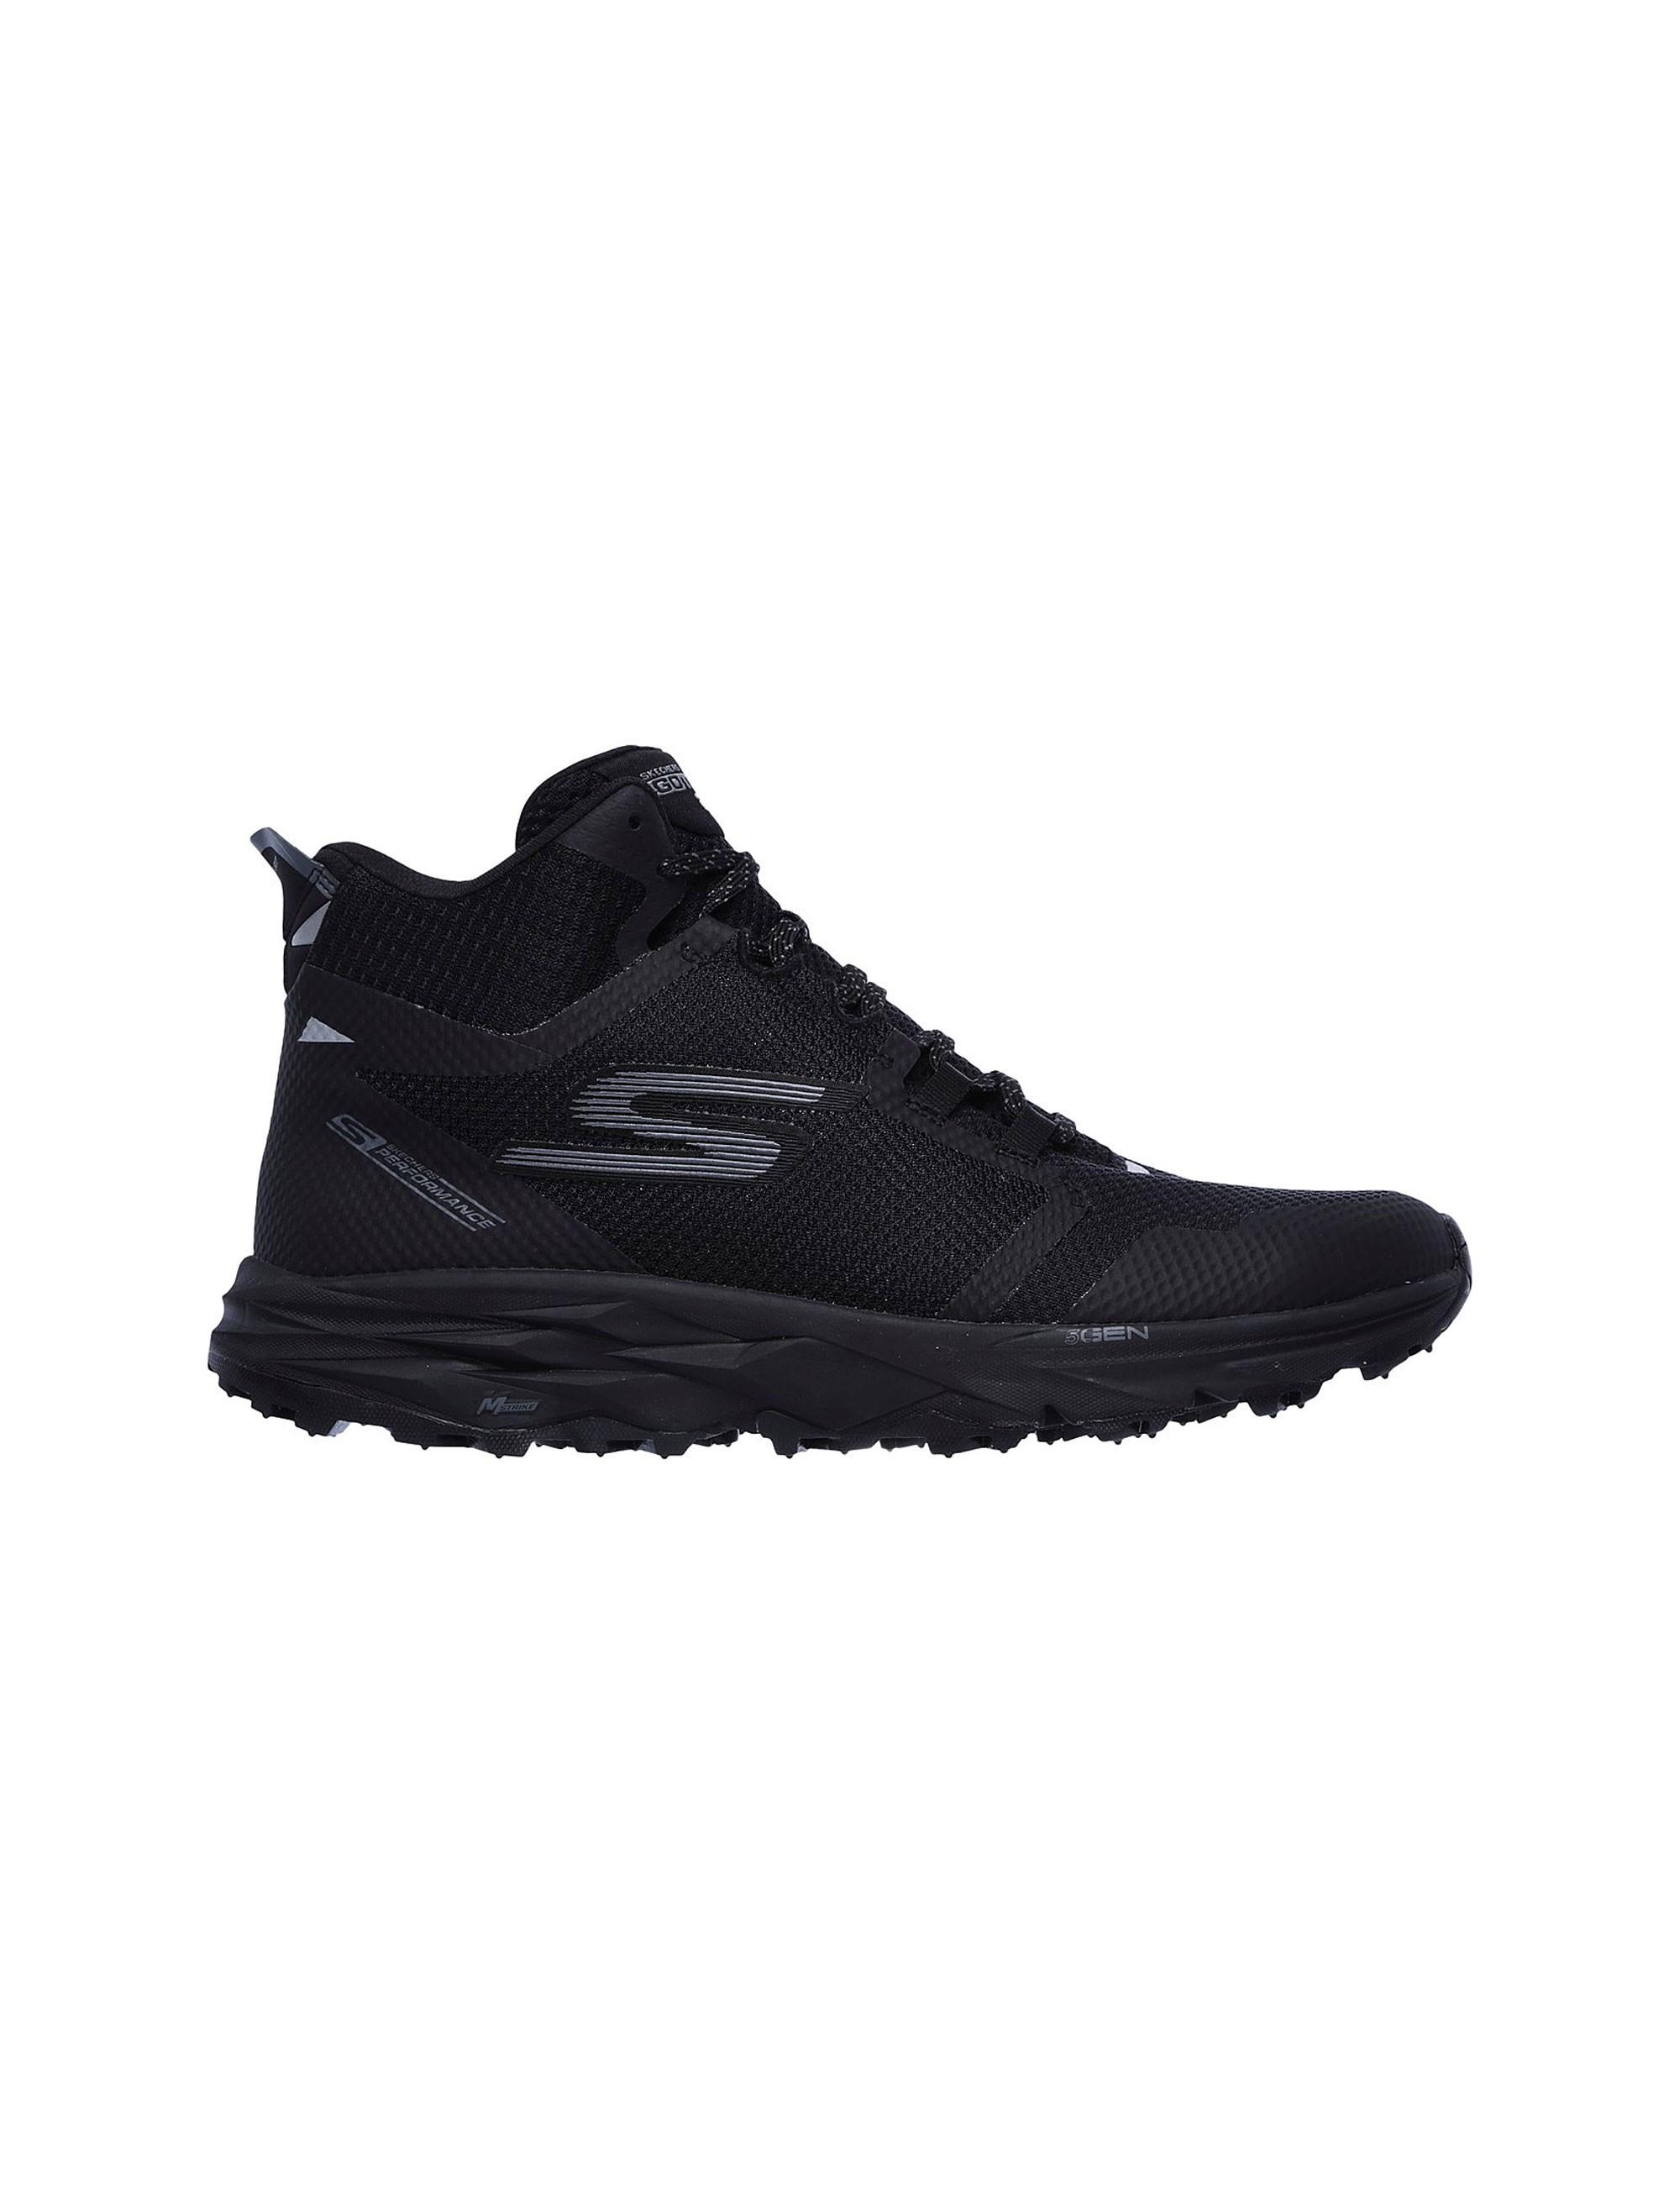 قیمت کفش دویدن بندی مردانه Gotrail 2 - اسکچرز